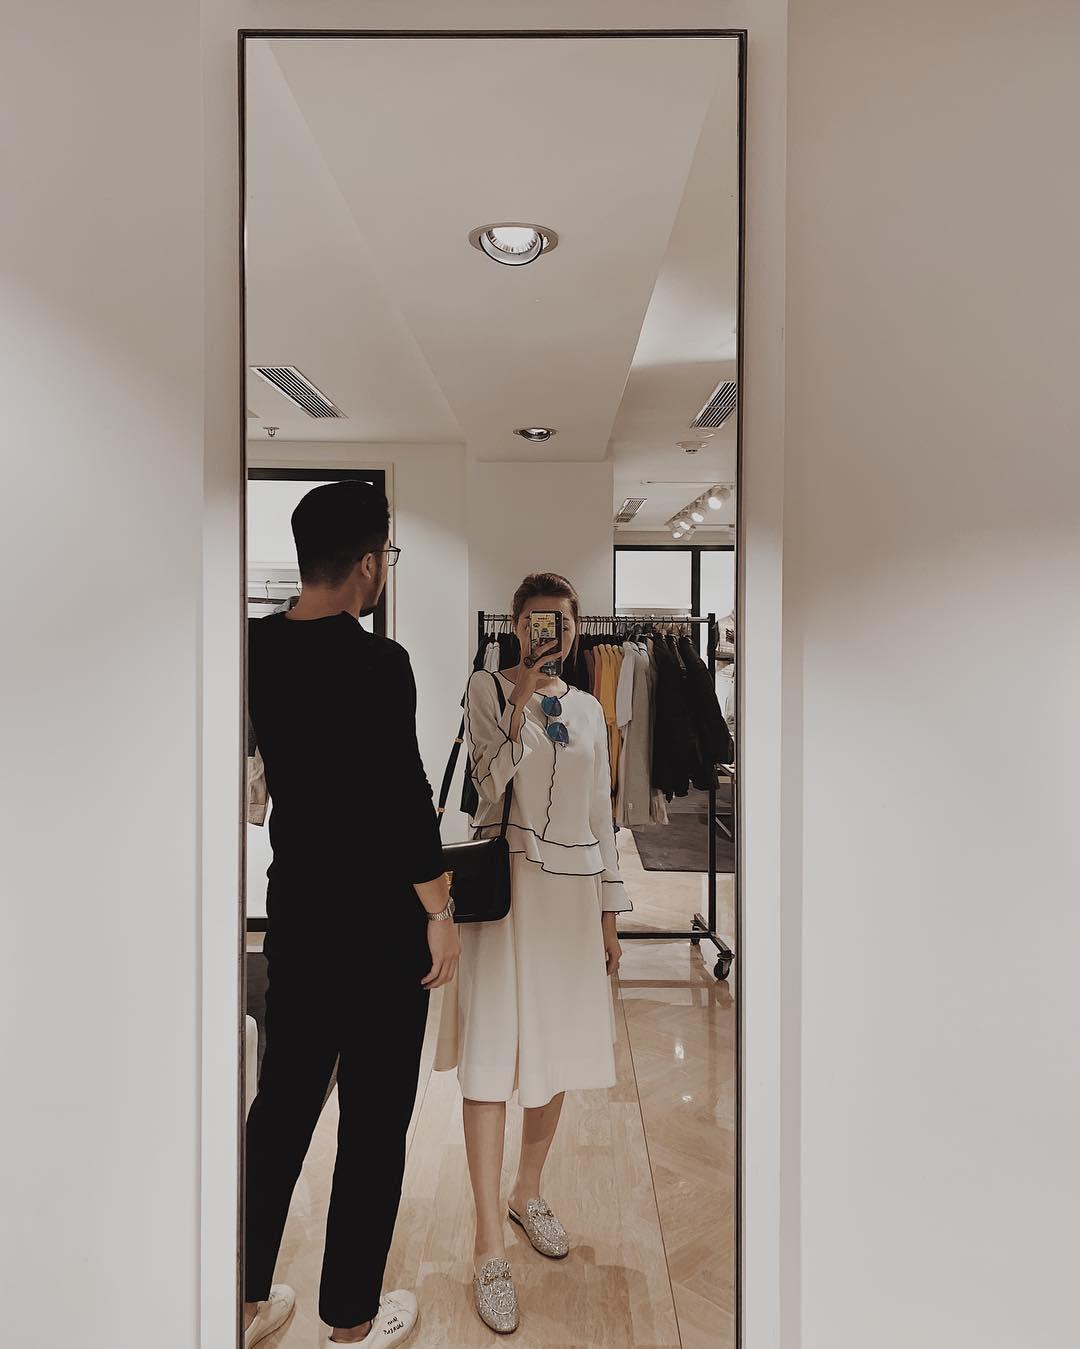 Thêm hình ảnh về vợ sắp cưới của hoàng tử Indie Thái Vũ: Thần thái sang chảnh ngút ngàn, mặc gì cũng thấy đẹp